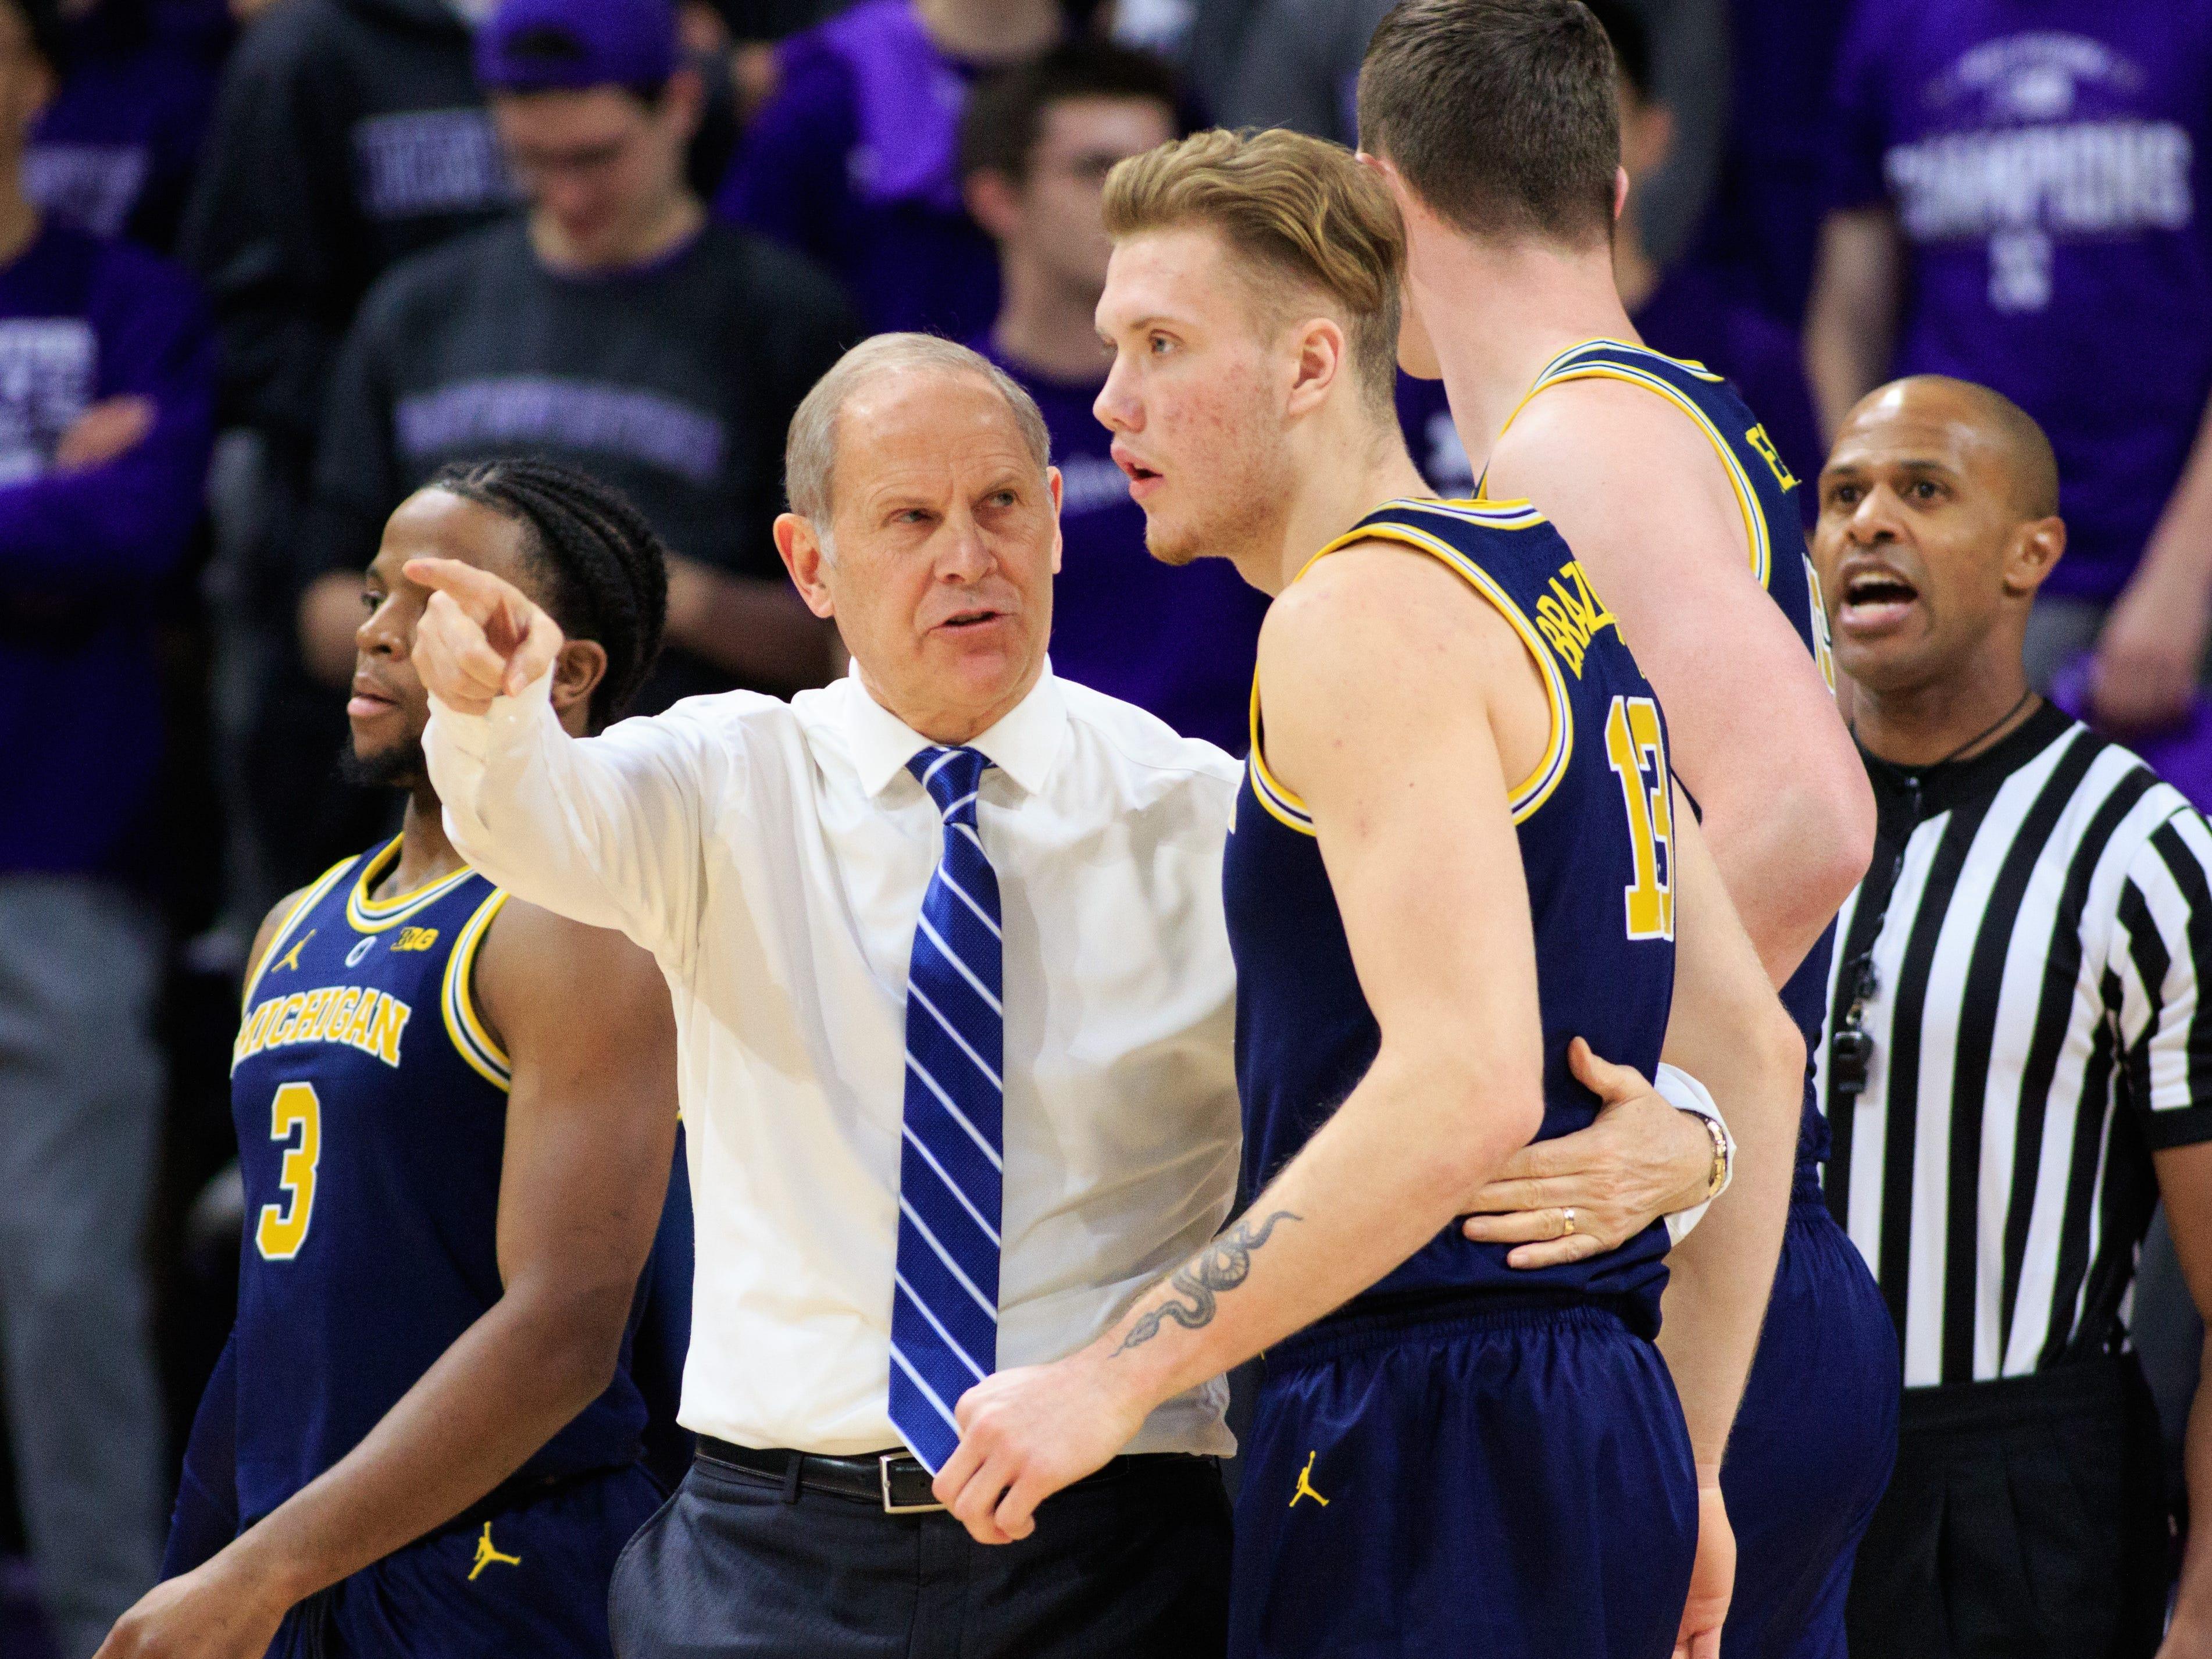 Michigan coach John Beilein talks to Ignas Brazdeikis against Northwestern at Welsh-Ryan Arena on Dec. 4, 2018 in Evanston, Ill.